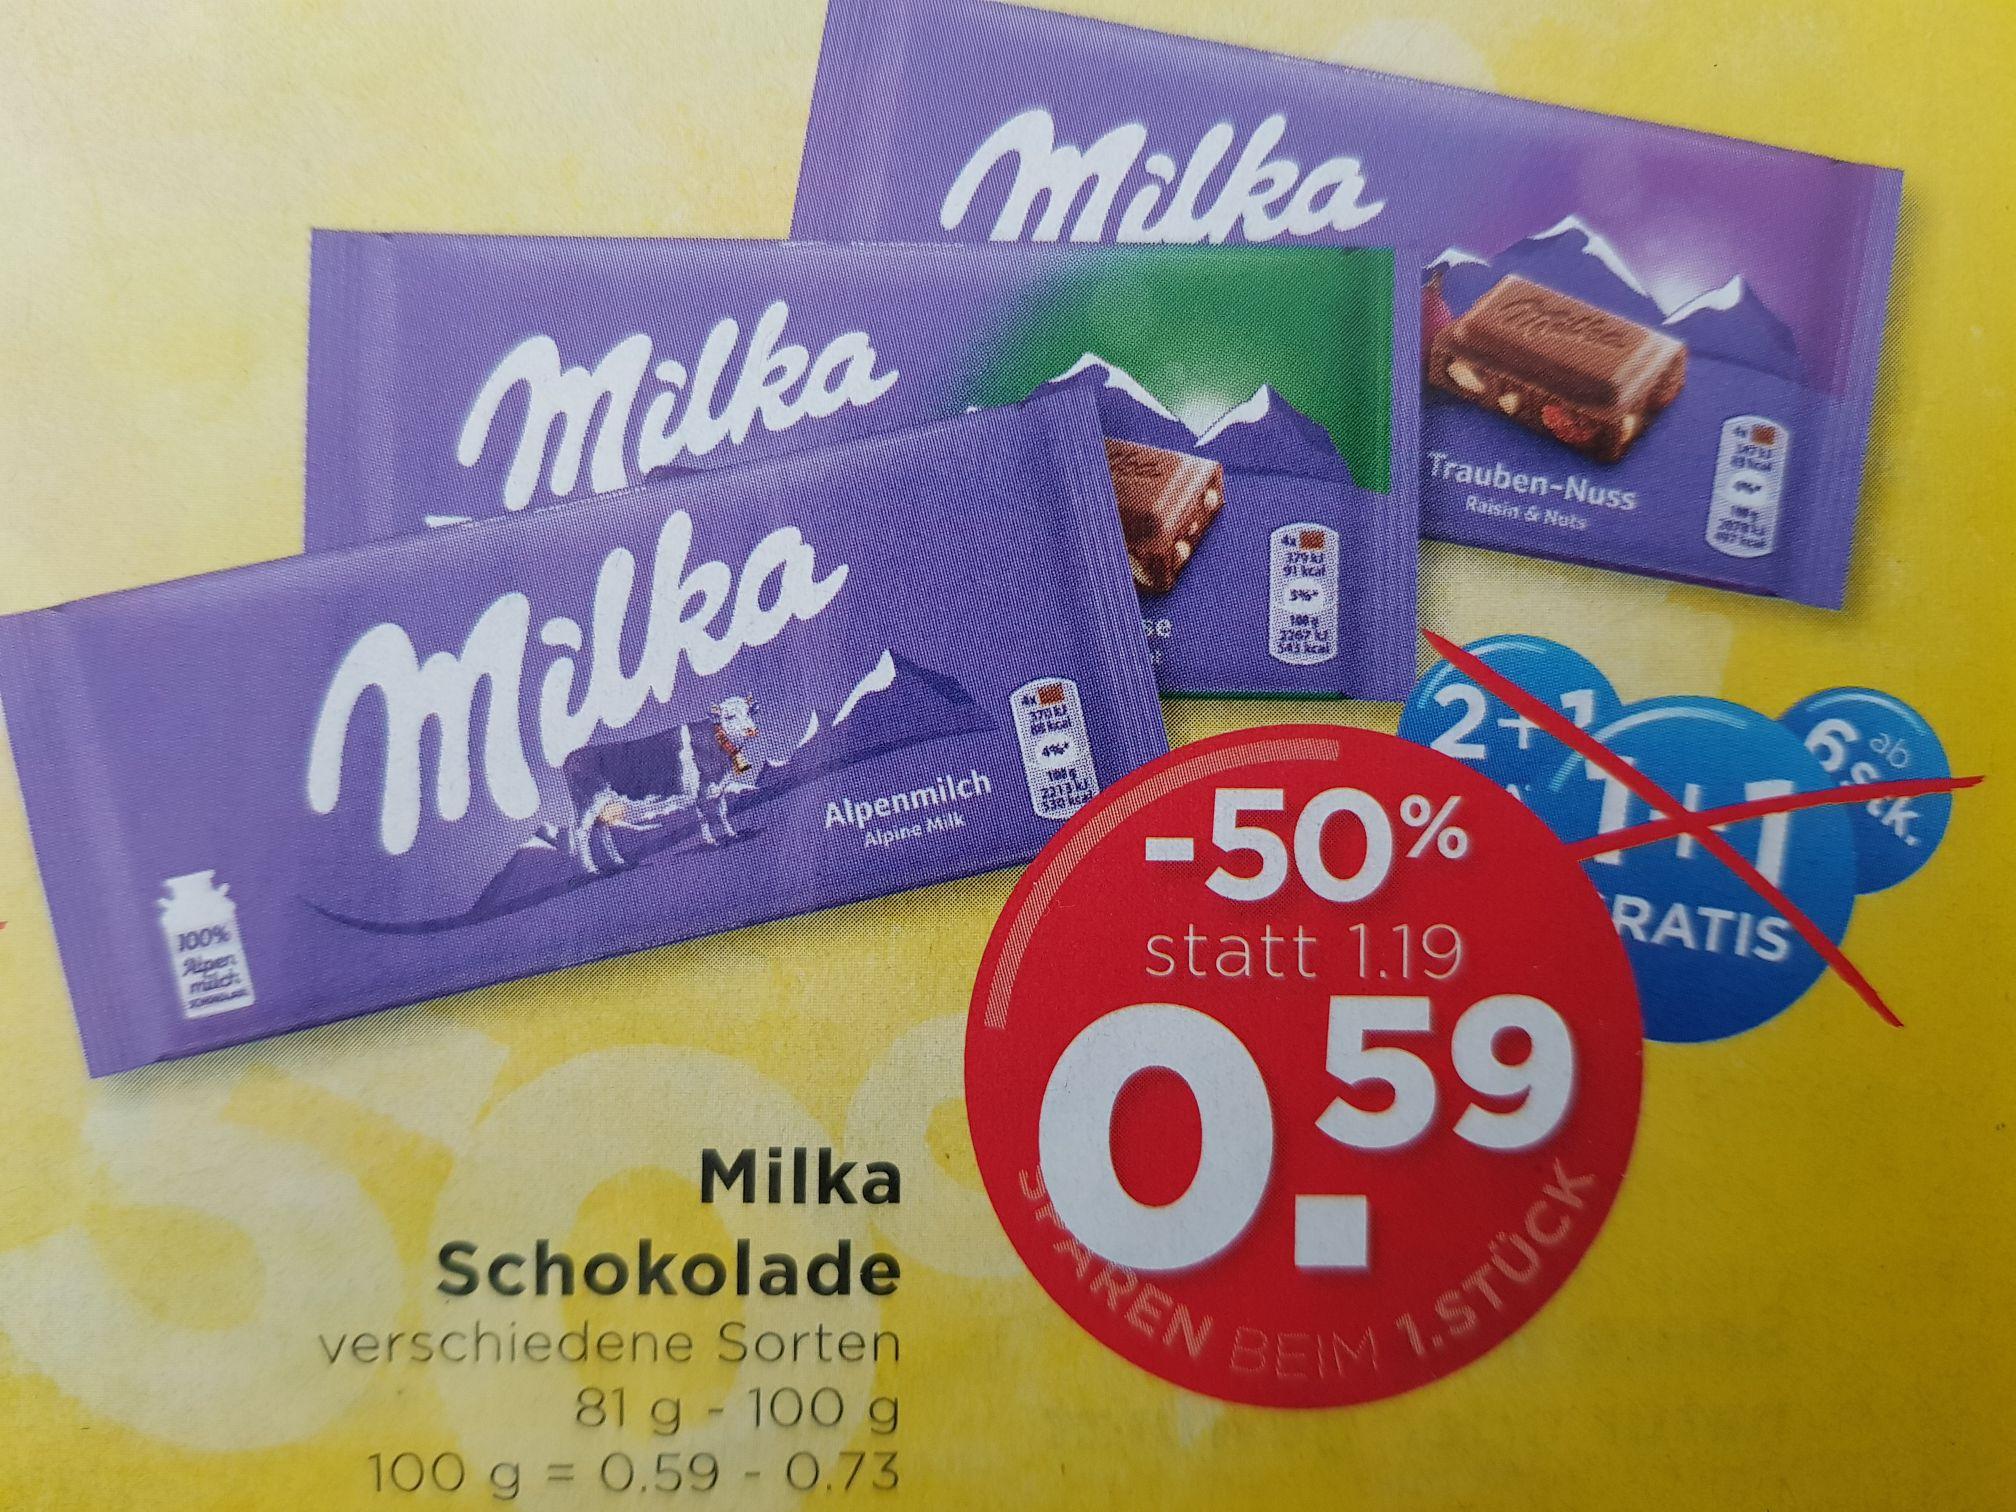 Milka Schokolade beim Unimarkt